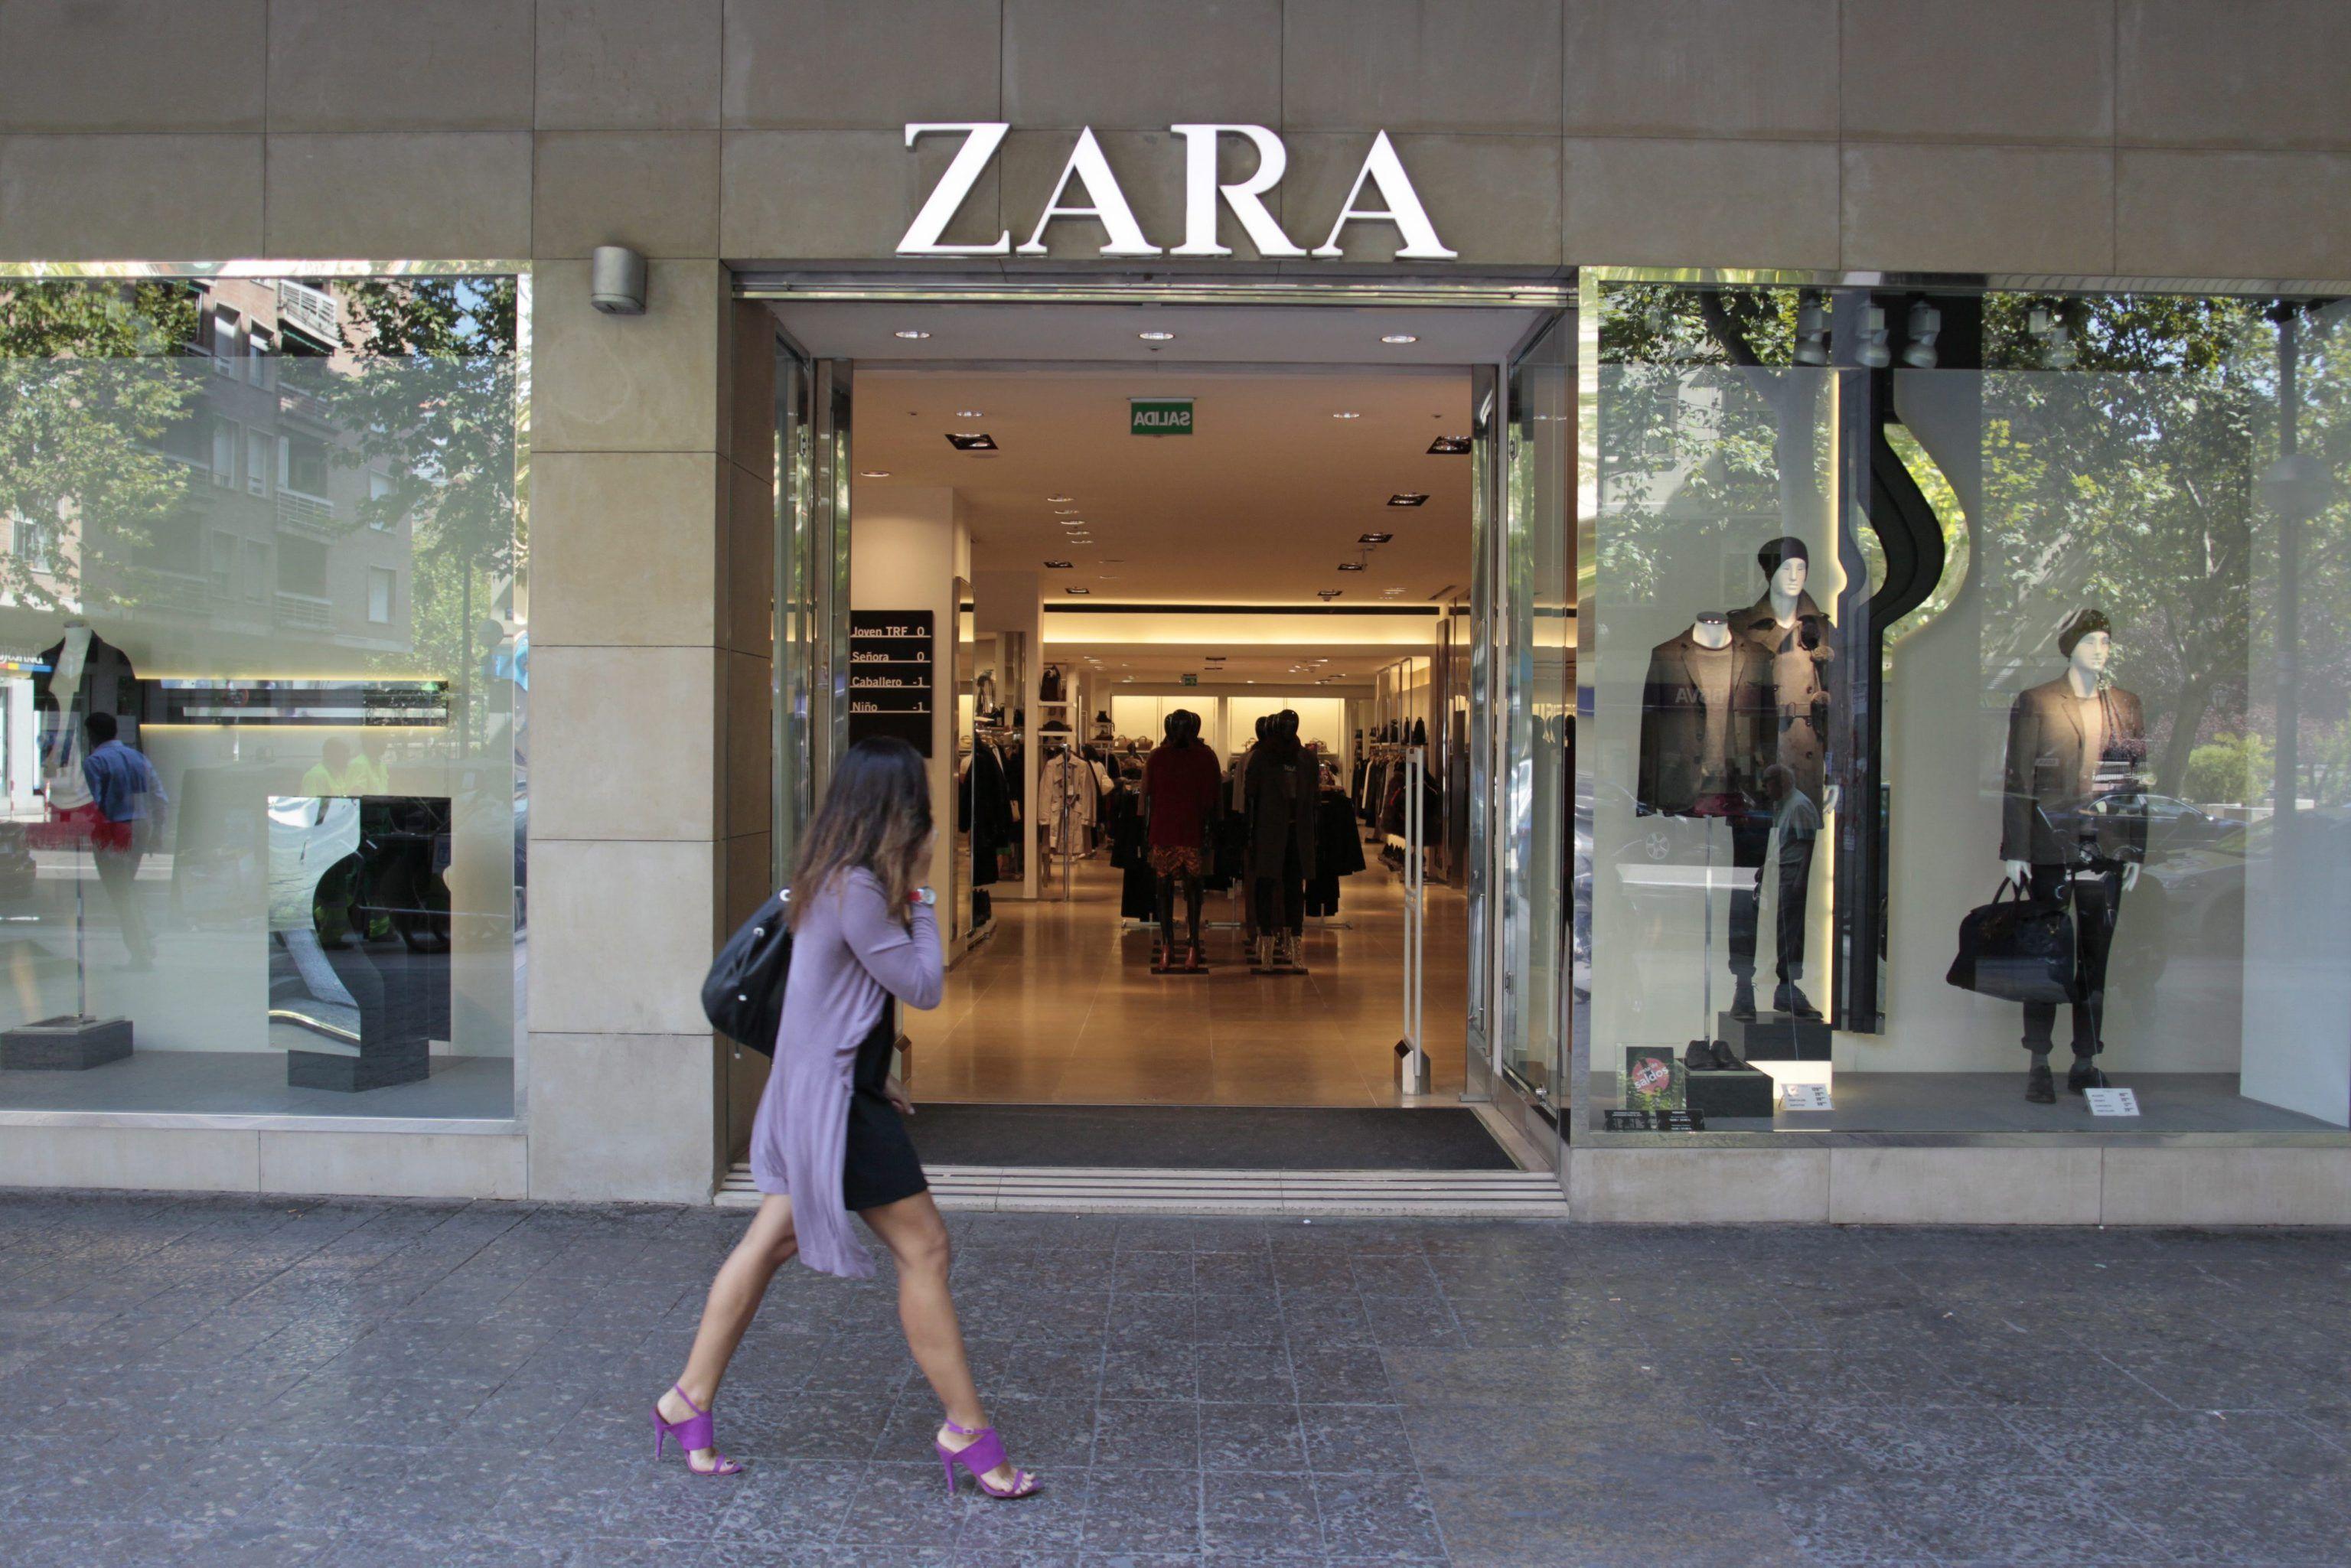 Zara, biglietti di protesta dei lavoratori nei vestiti: 'Ho